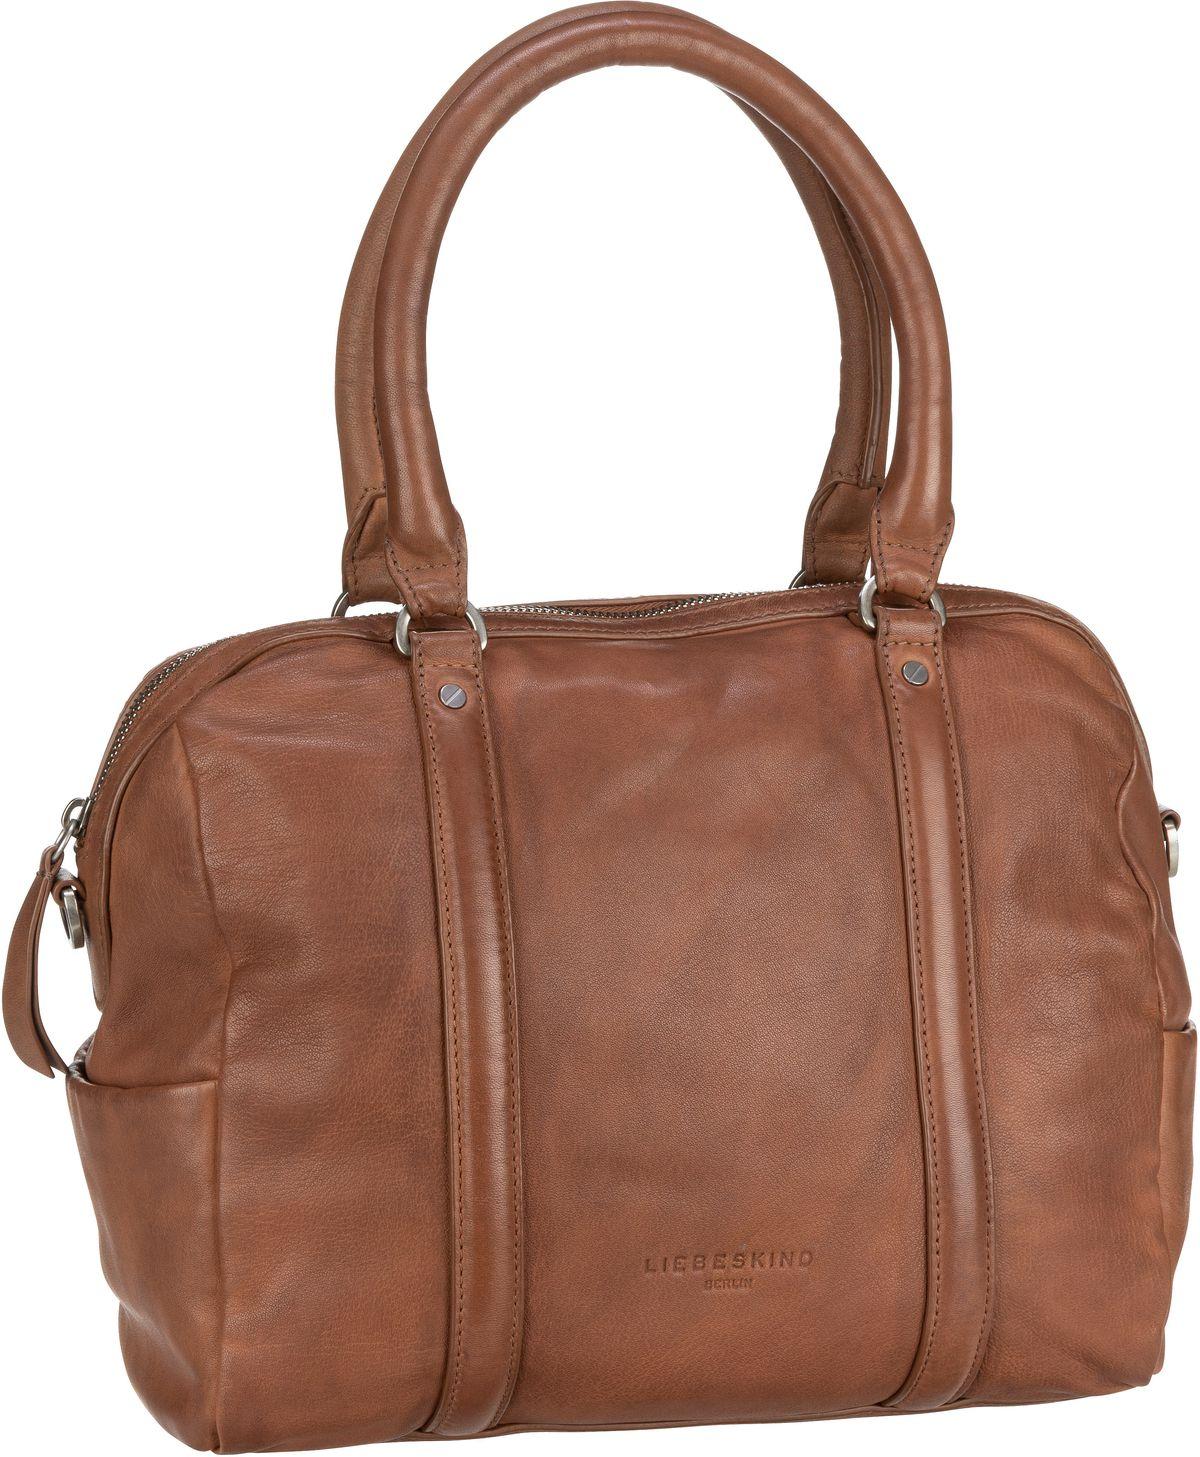 Berlin Handtasche Oak Bowling Bag M Caramel